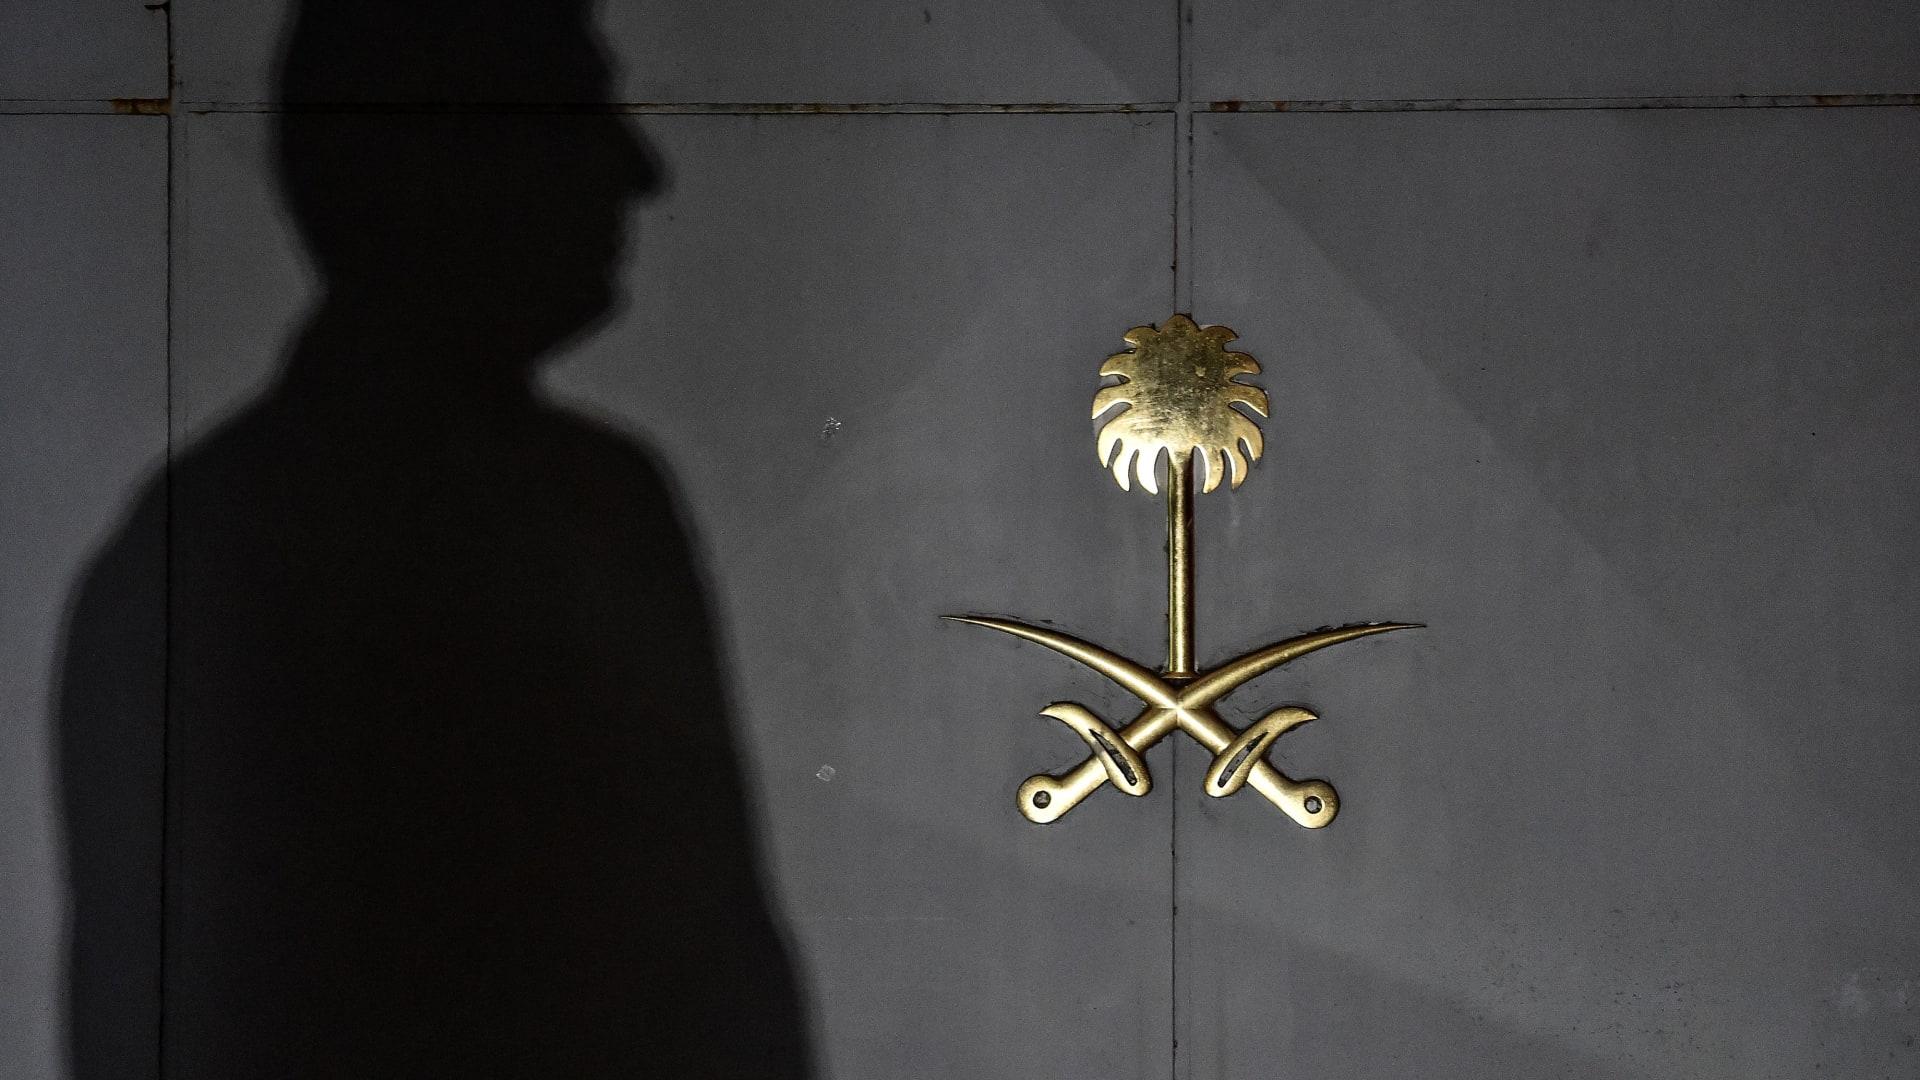 الكويت ردا على التقرير الأمريكي حول خاشقجي: نرفض المساس بسيادة السعودية بشكل قاطع